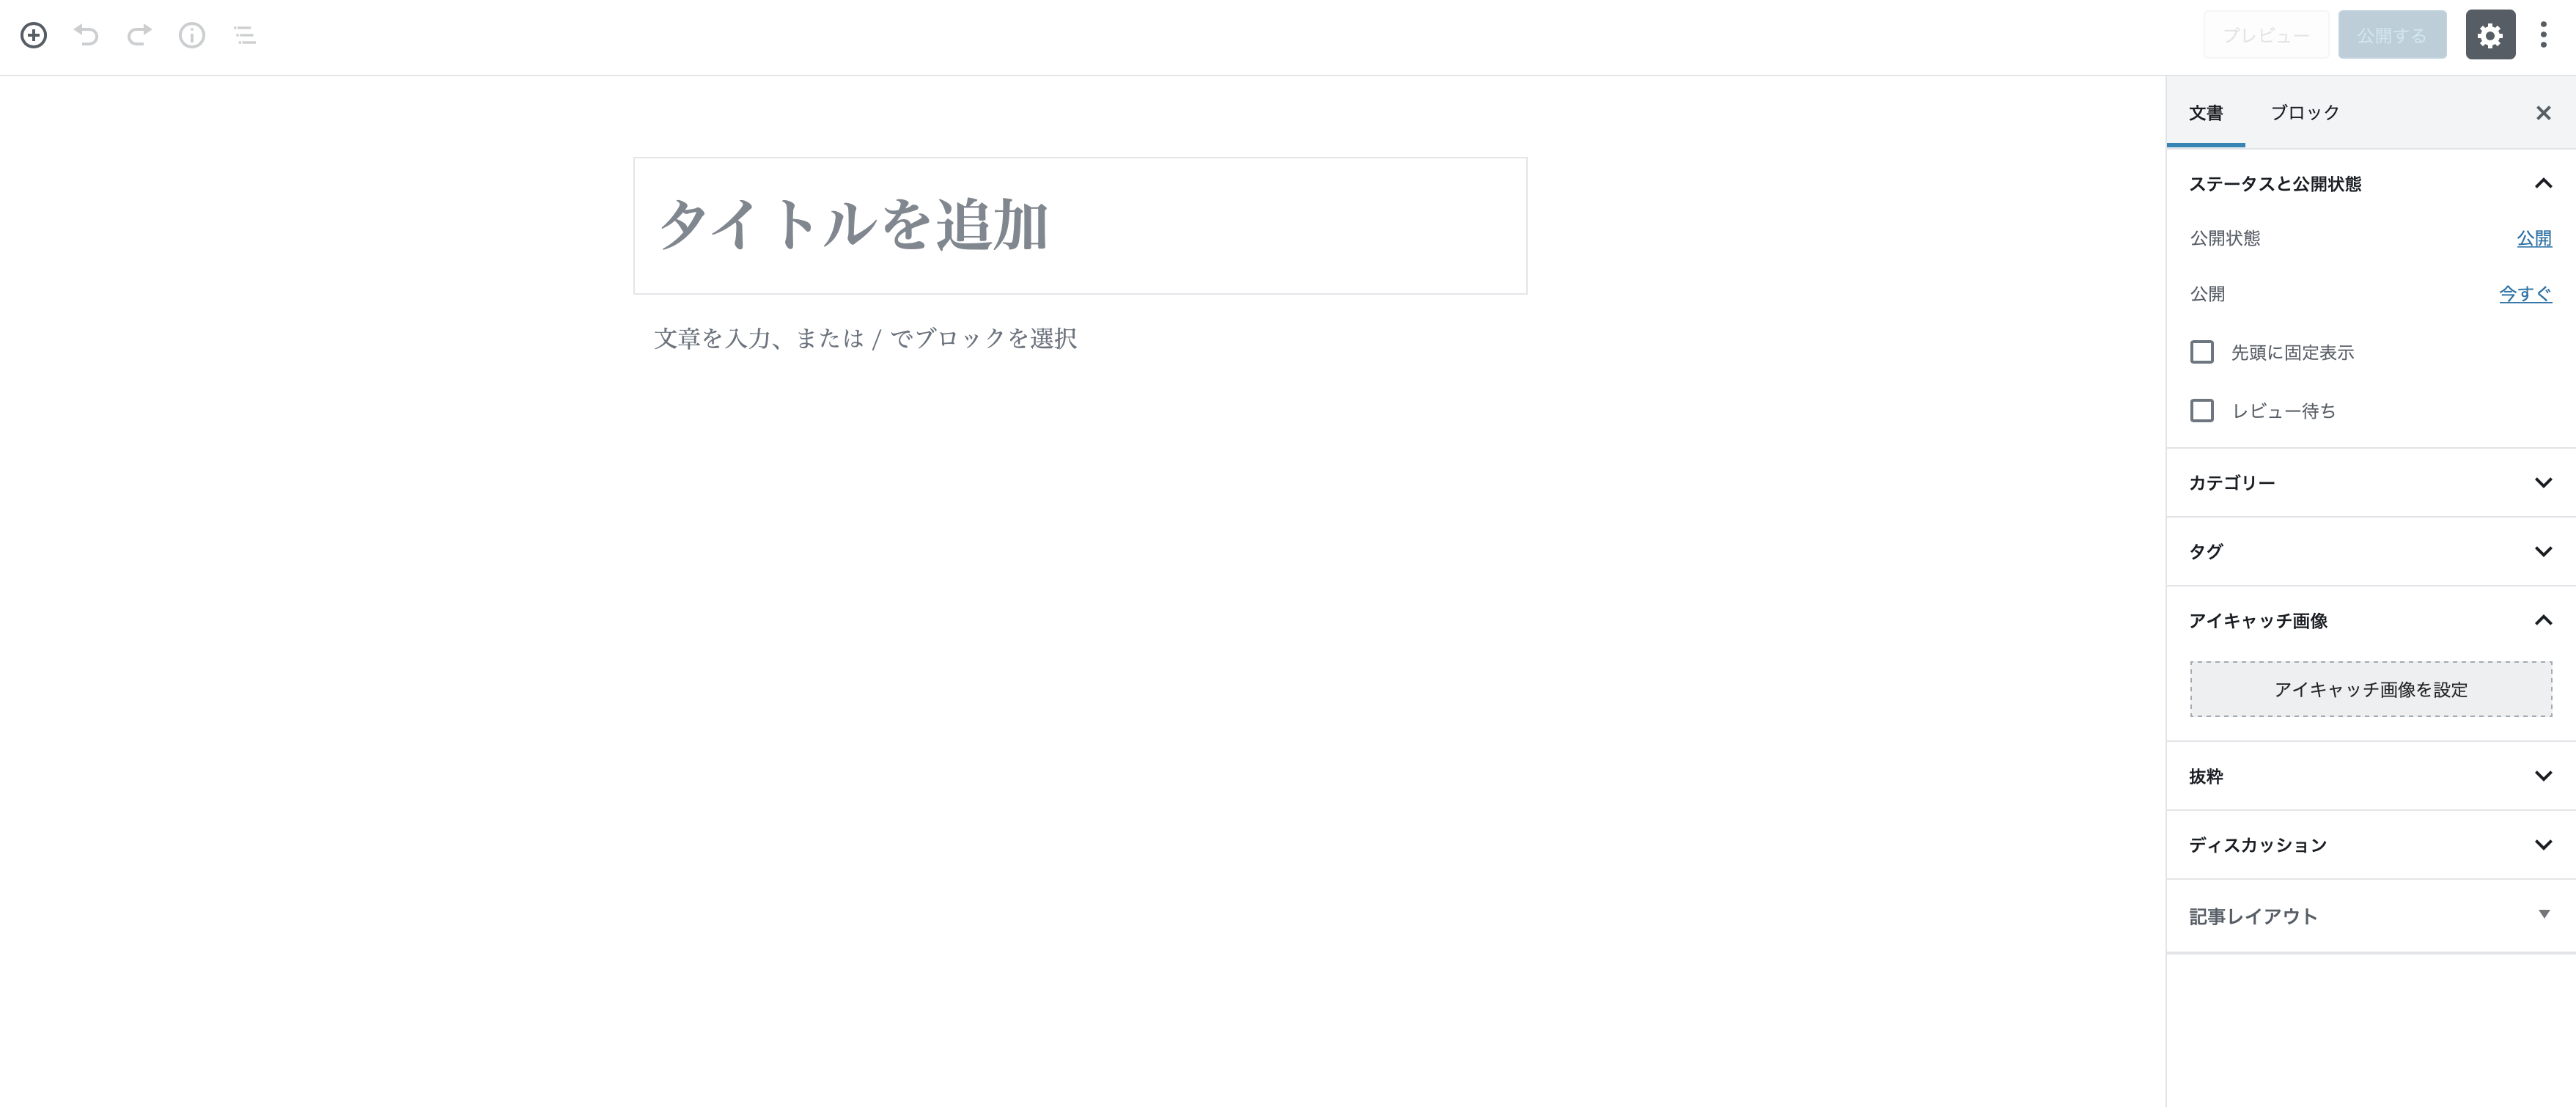 スクリーンショット 2019-01-29 16.44.55